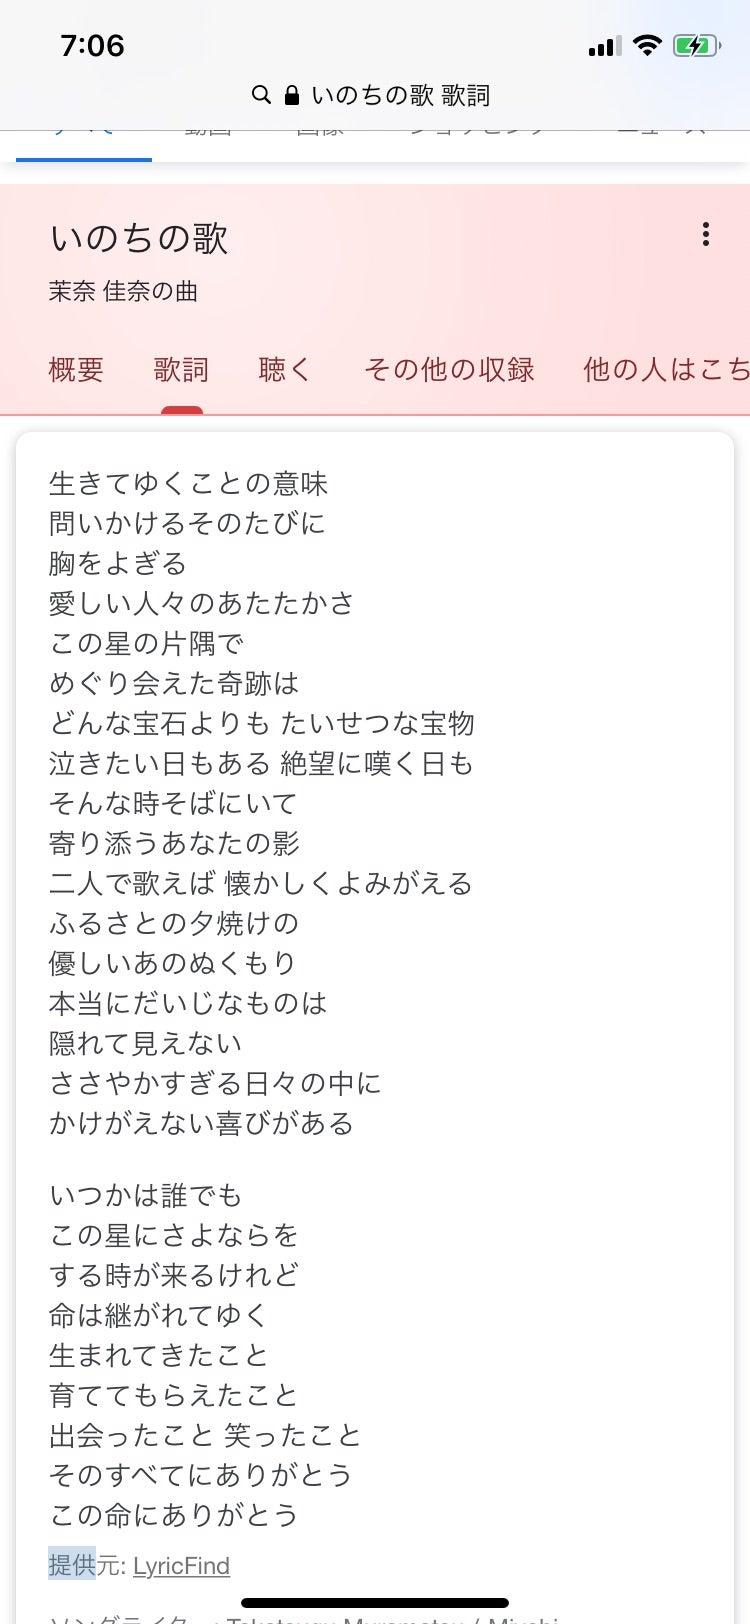 竹内 まりや いのち の うた 歌詞 いのちの歌 - Wikipedia